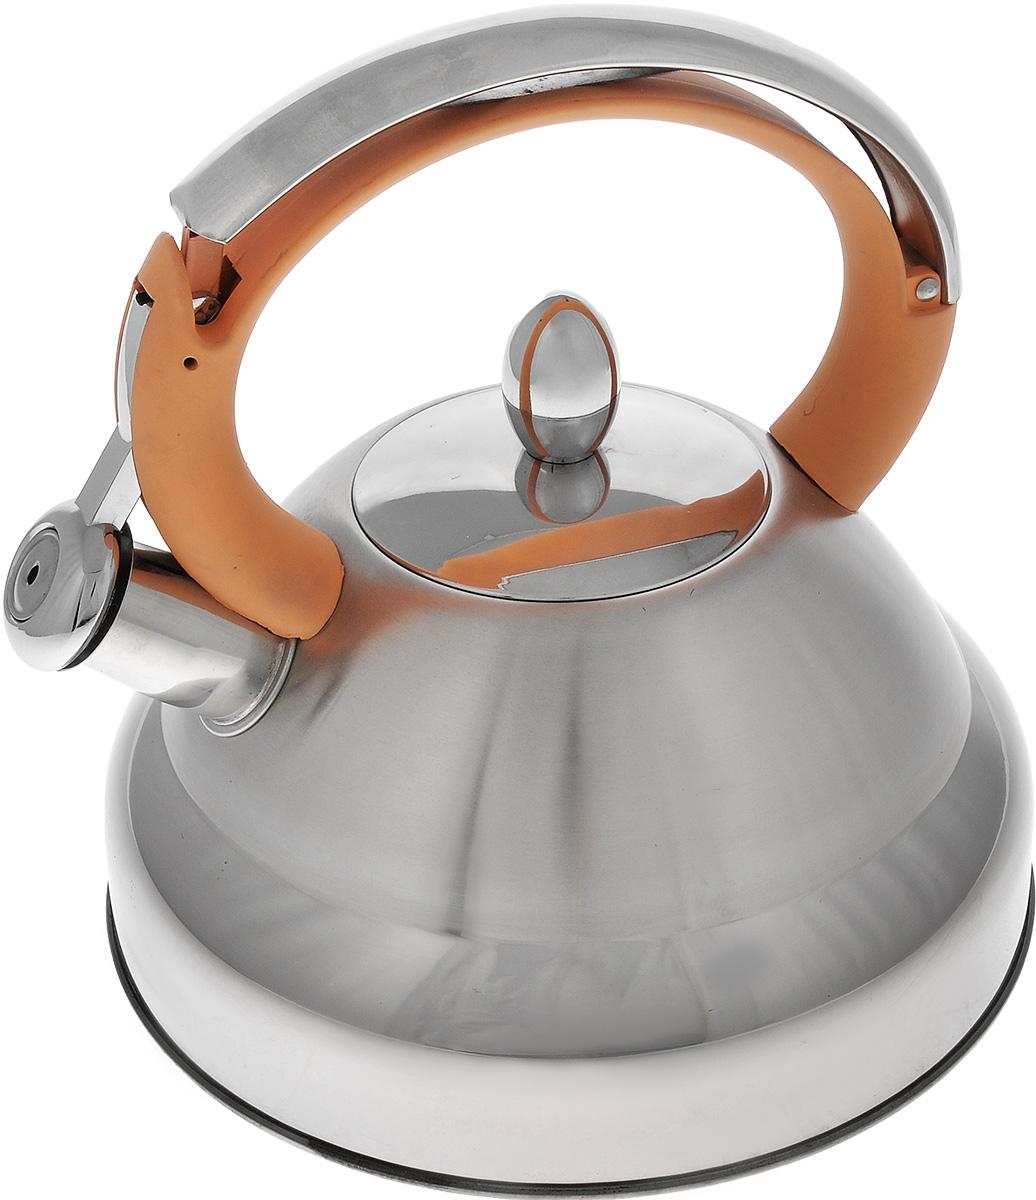 Чайник Bekker De Luxe, со свистком, цвет: бежевый, 2,7 л. BK-S473 (12)BK-S473 _бежевыйЧайник Bekker De Luxe изготовлен из высококачественной нержавеющей стали 18/10. Внешняя поверхность матовая с зеркальной полоской по нижнему краю. Капсулированное дно распределяет тепло по всей поверхности, что позволяет чайнику быстро закипать. Эргономичная фиксированная ручка выполнена из нержавеющей стали и бакелита с прорезиненным цветным покрытием. Носик оснащен откидным свистком, который подскажет, когда закипела вода. Свисток открывается нажатием на рукоятку. Подходит для газовых, стеклокерамических, галогеновых, электрических плит. Не подходит для индукционных. Можно мыть в посудомоечной машине. Диаметр (по верхнему краю): 9 см. Диаметр основания: 22 см. Высота чайника (без учета ручки): 12 см. Высота чайника (с учетом ручки): 23,5 см.